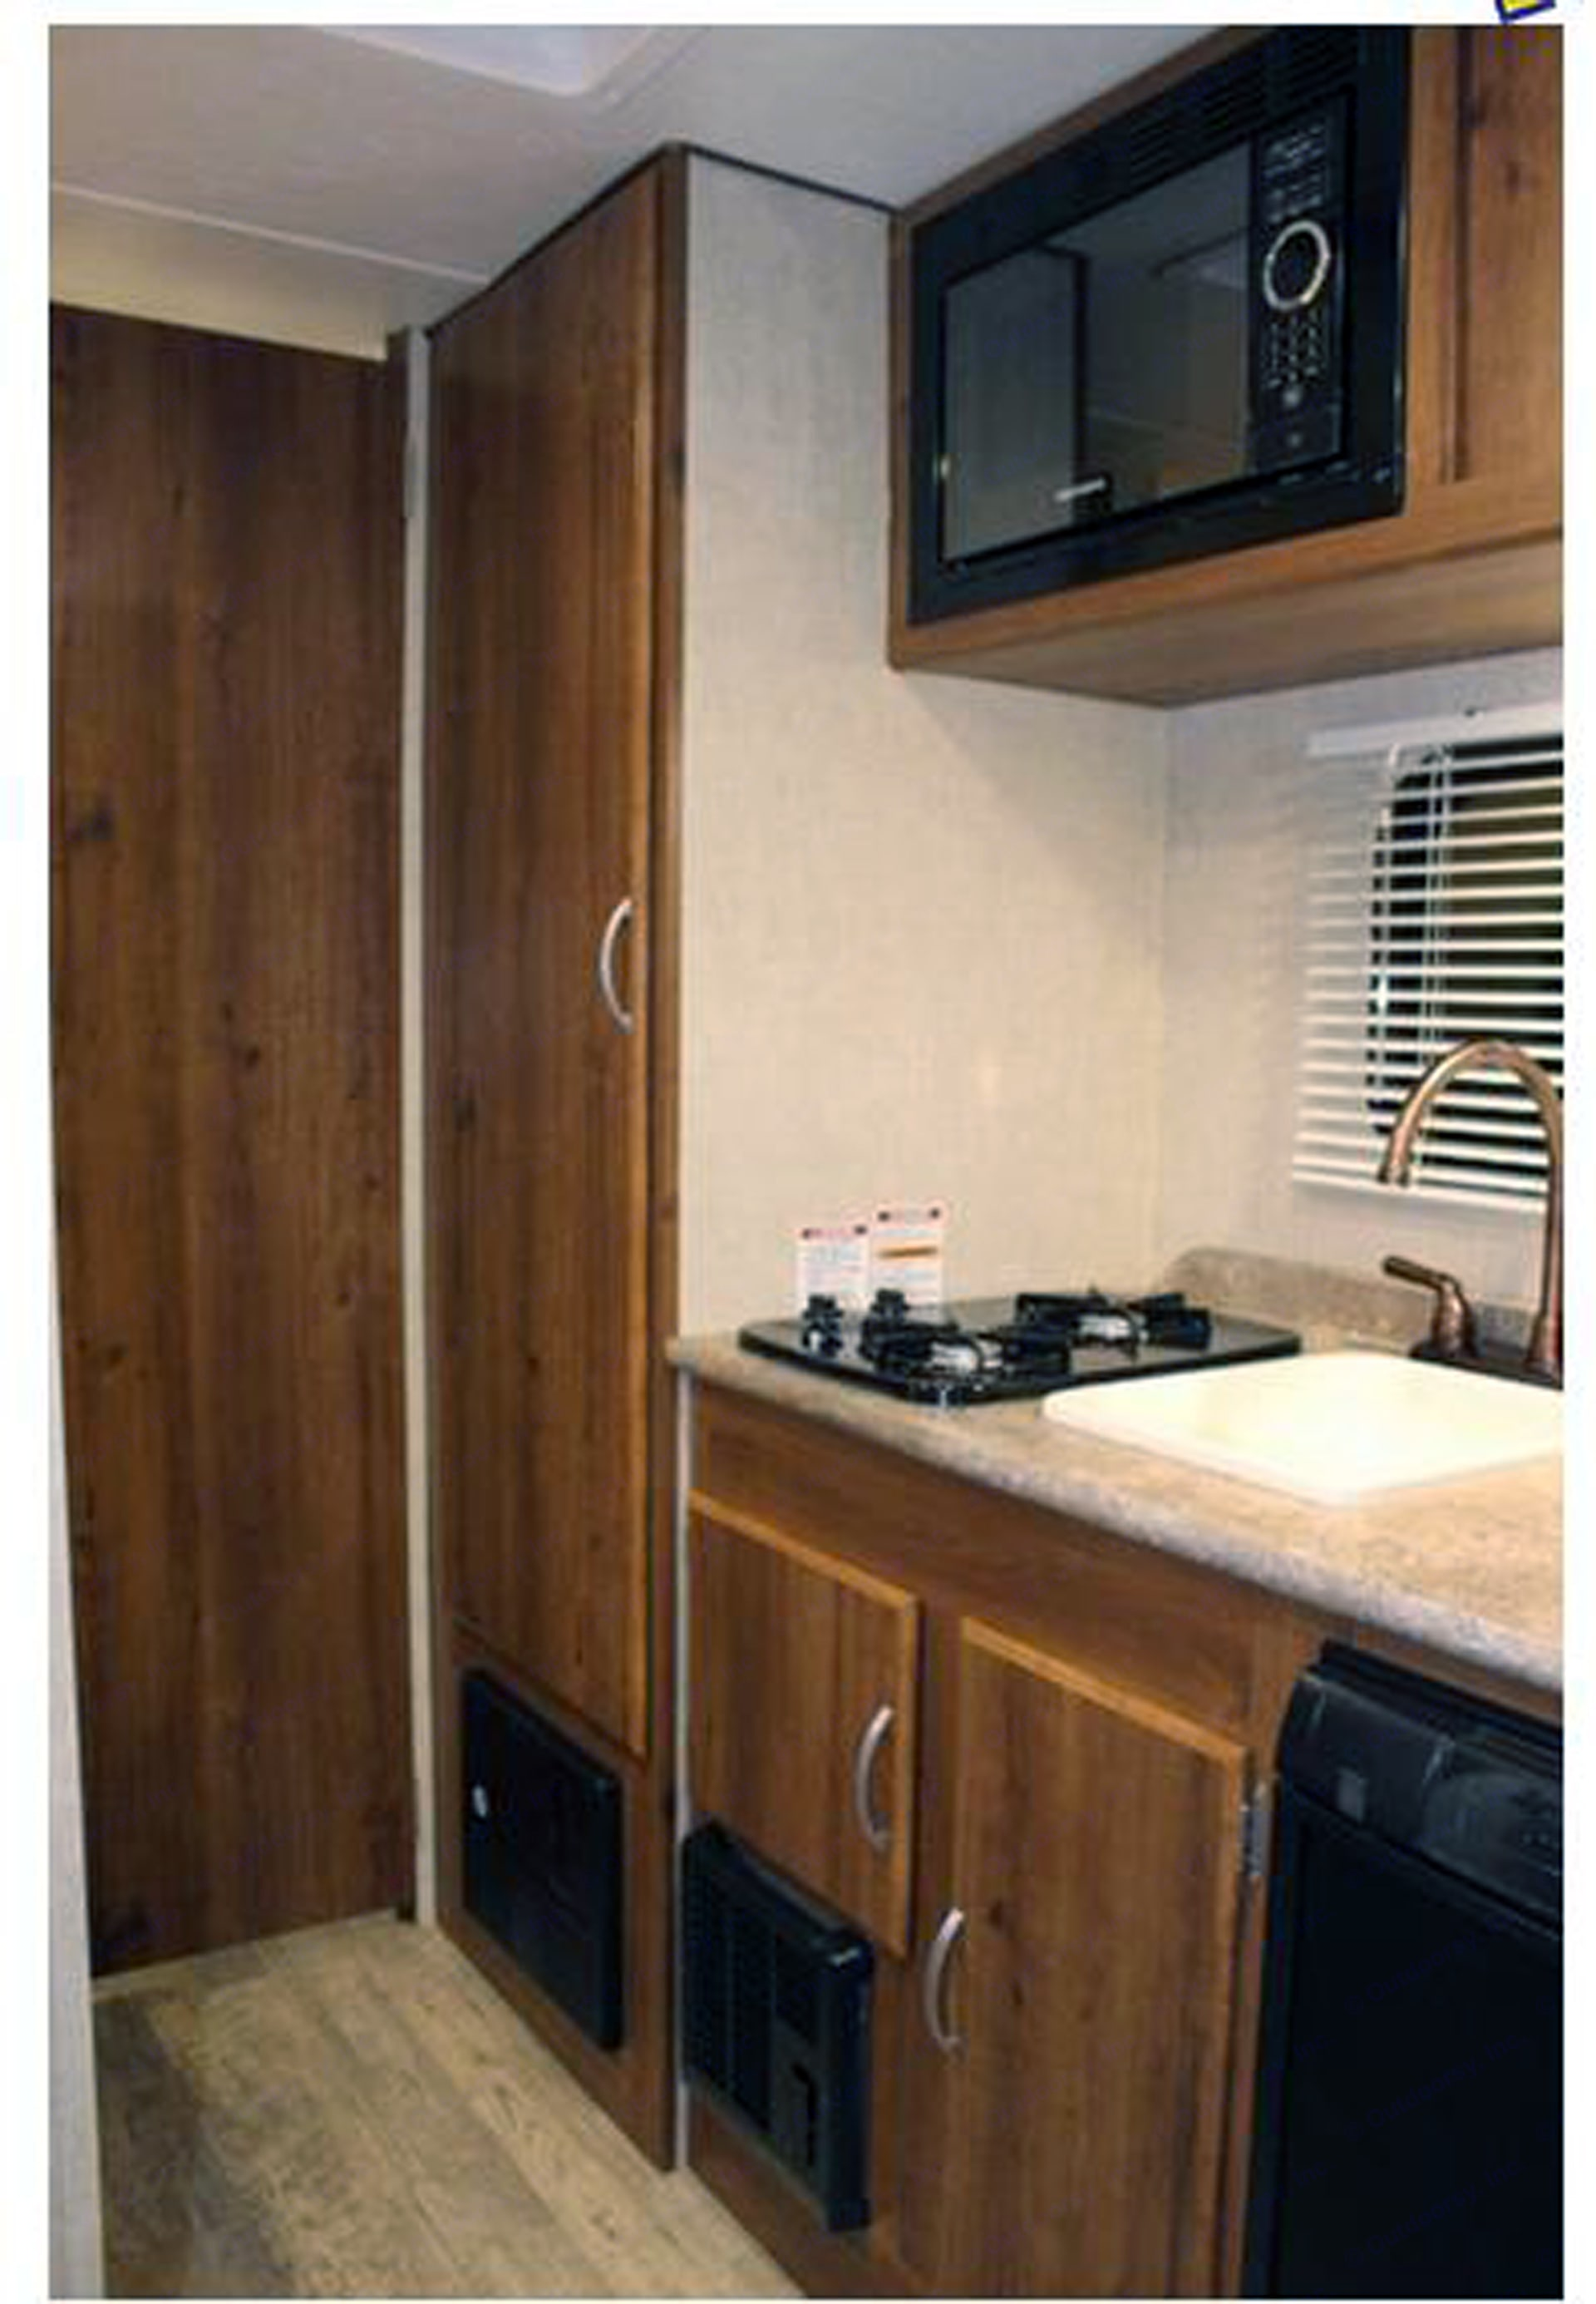 Kitchen area and wardrobe. Gulf Stream Conquest 2017